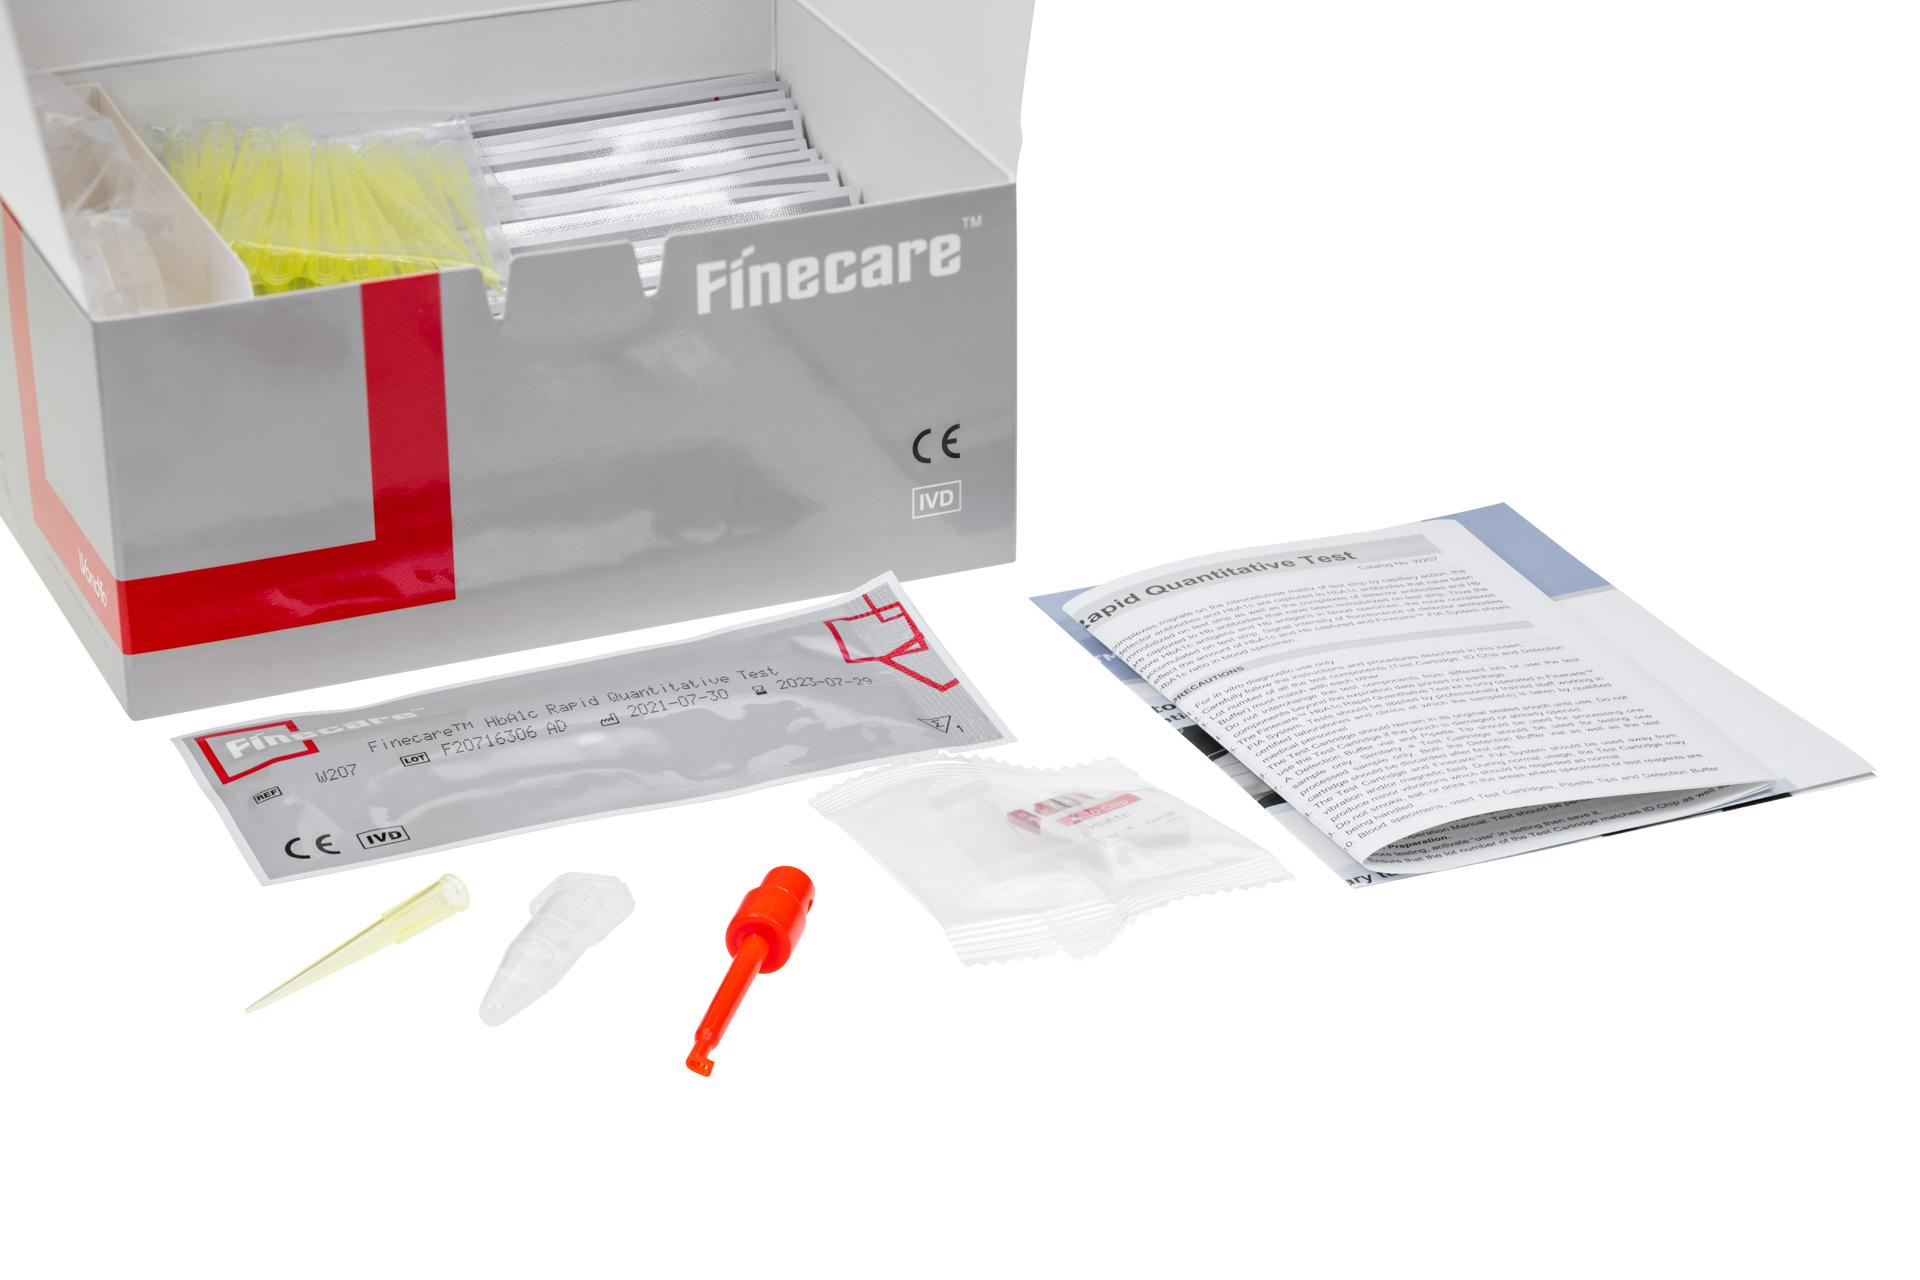 bm Finecare 9145